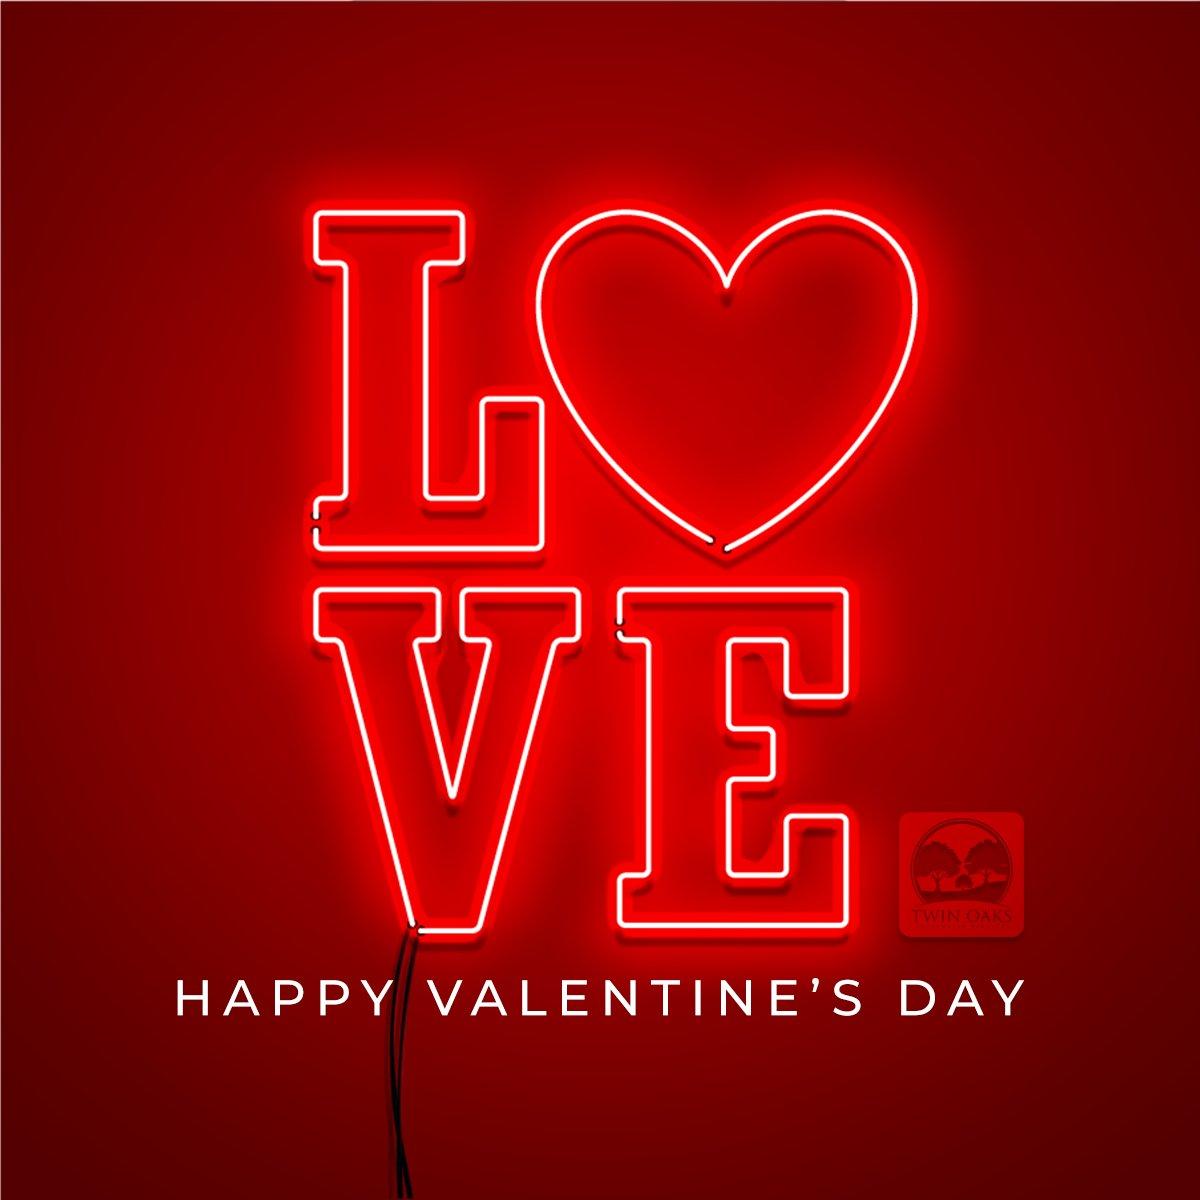 #HappyValentinesDay #HappyRepublicDay2021